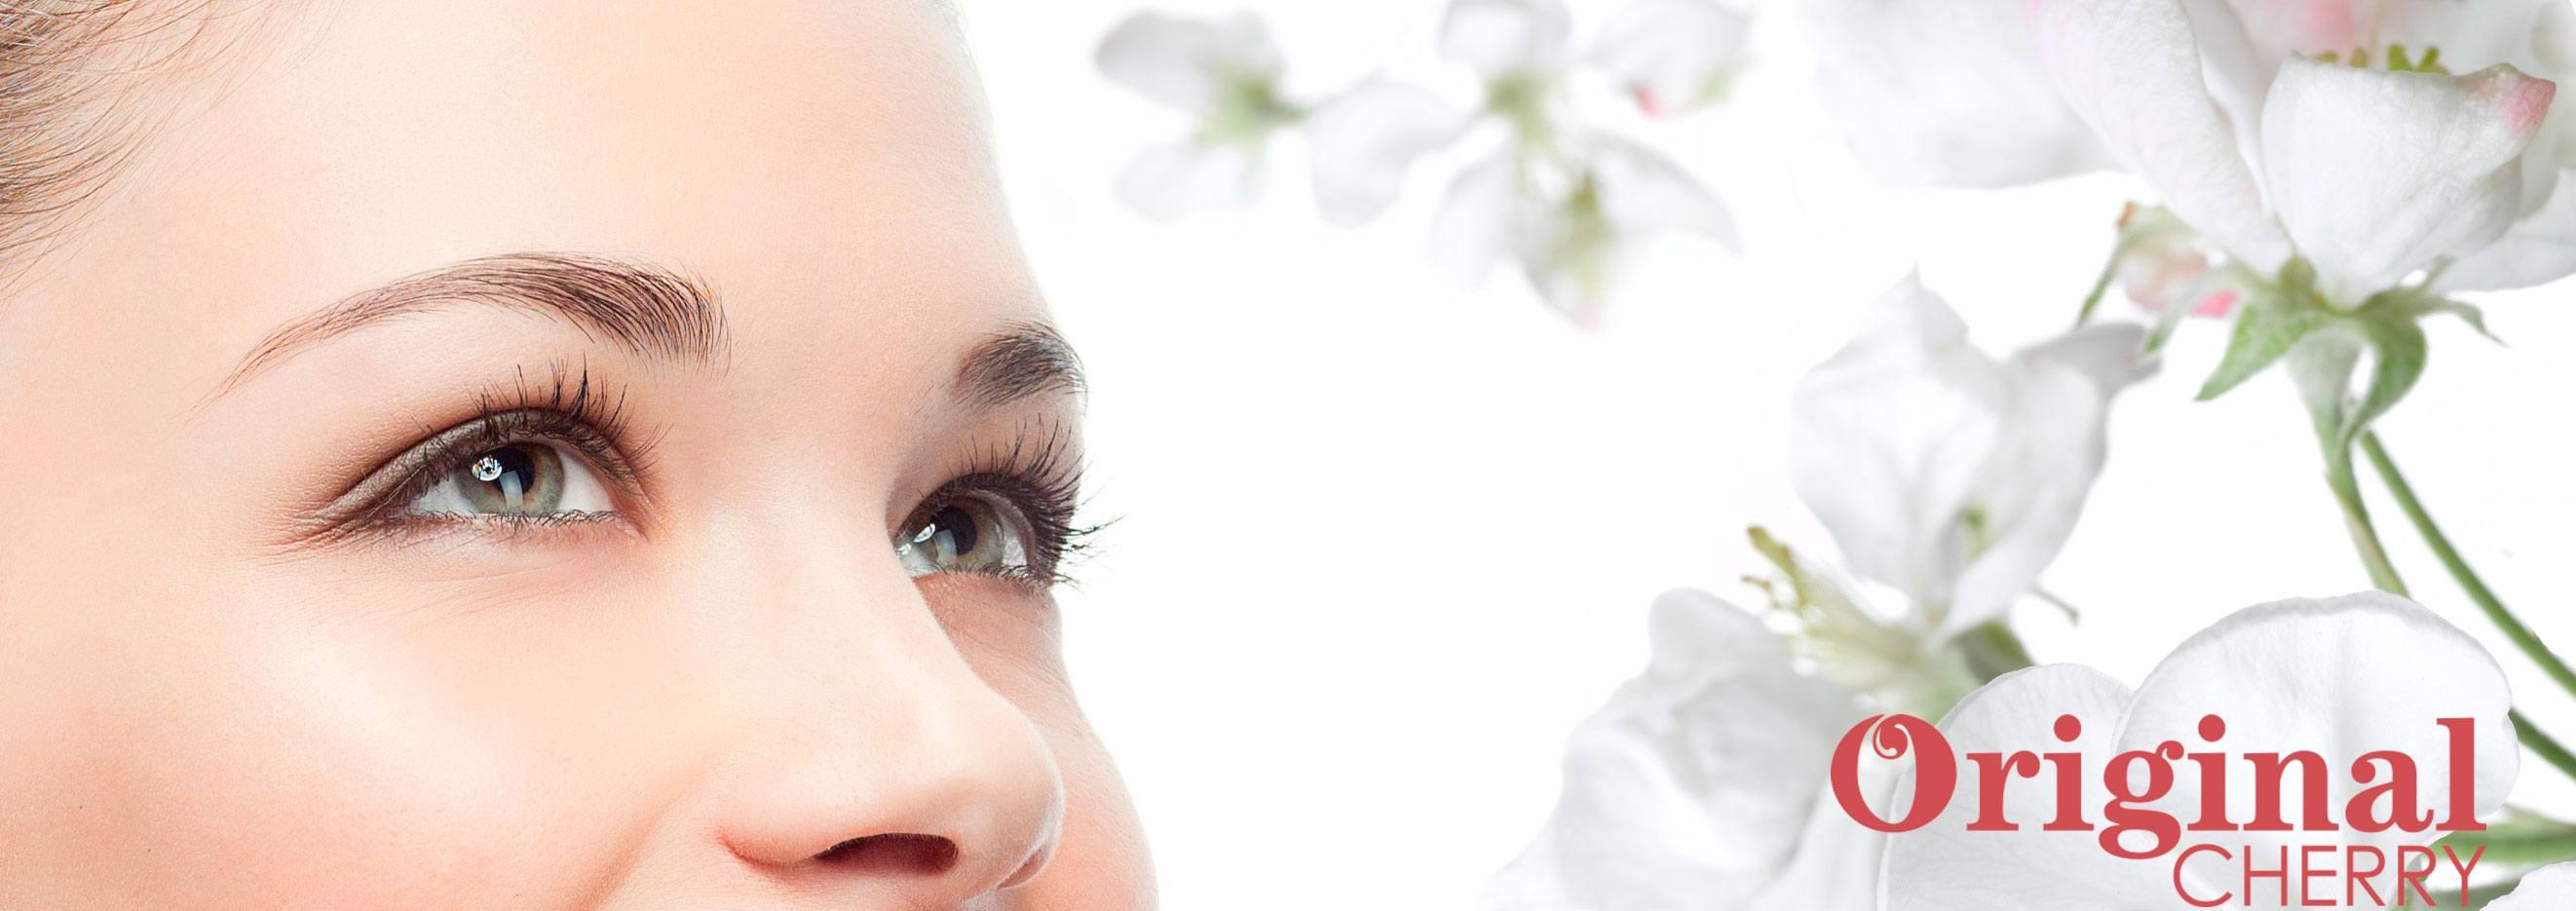 contorno-de-ojos-orginal